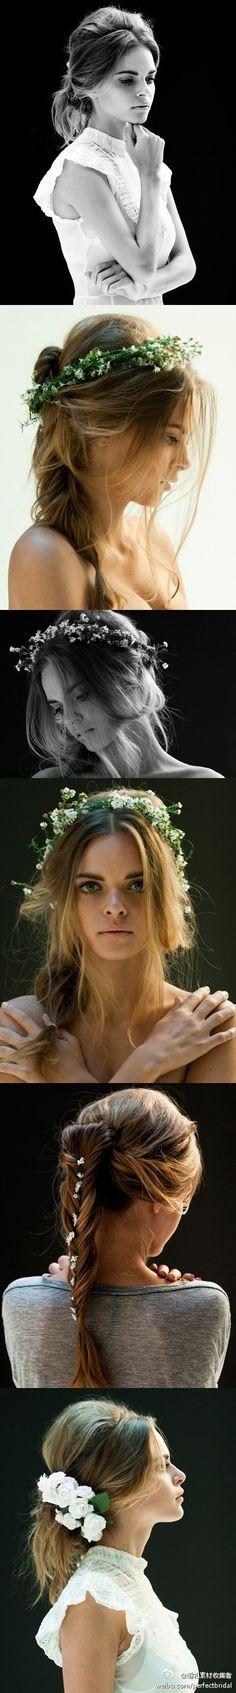 She wears flowers in her hair.